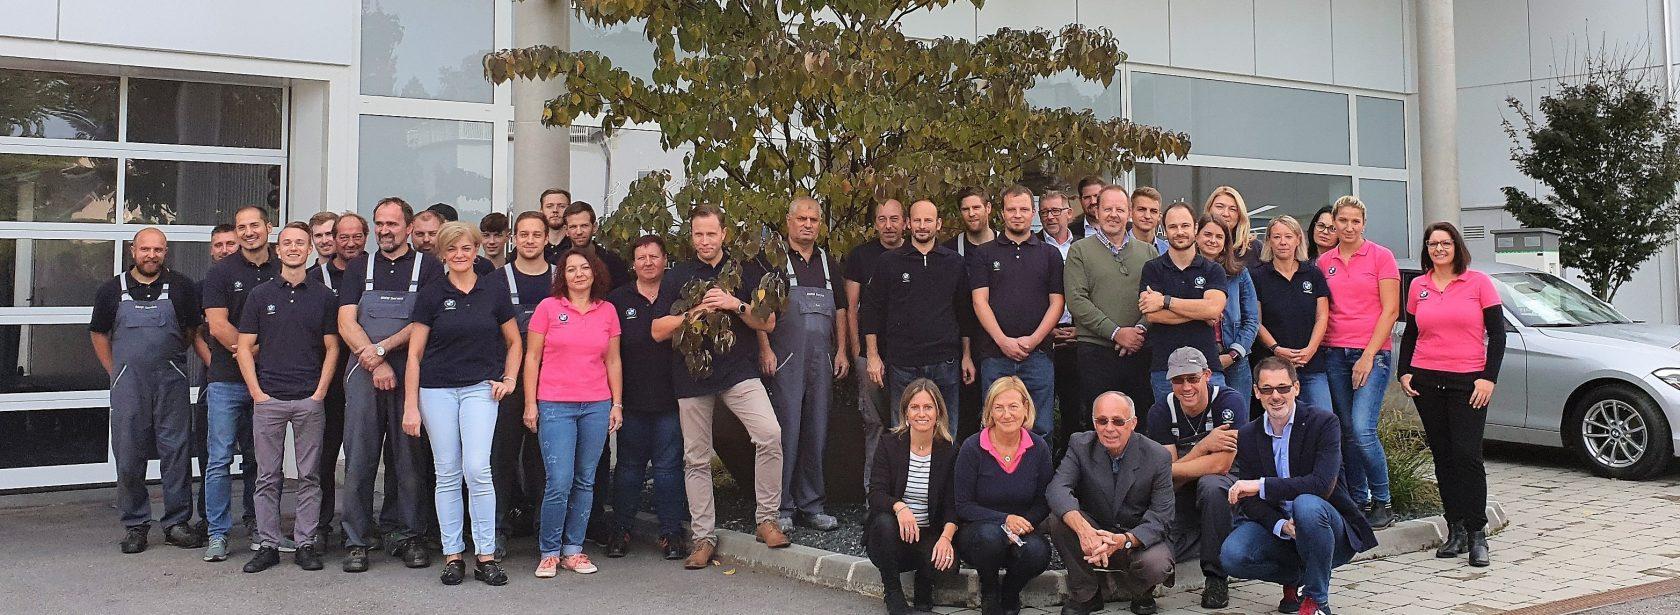 Mitarbeiter-Gruppenfoto Team Mann vor dem Firmengebäude